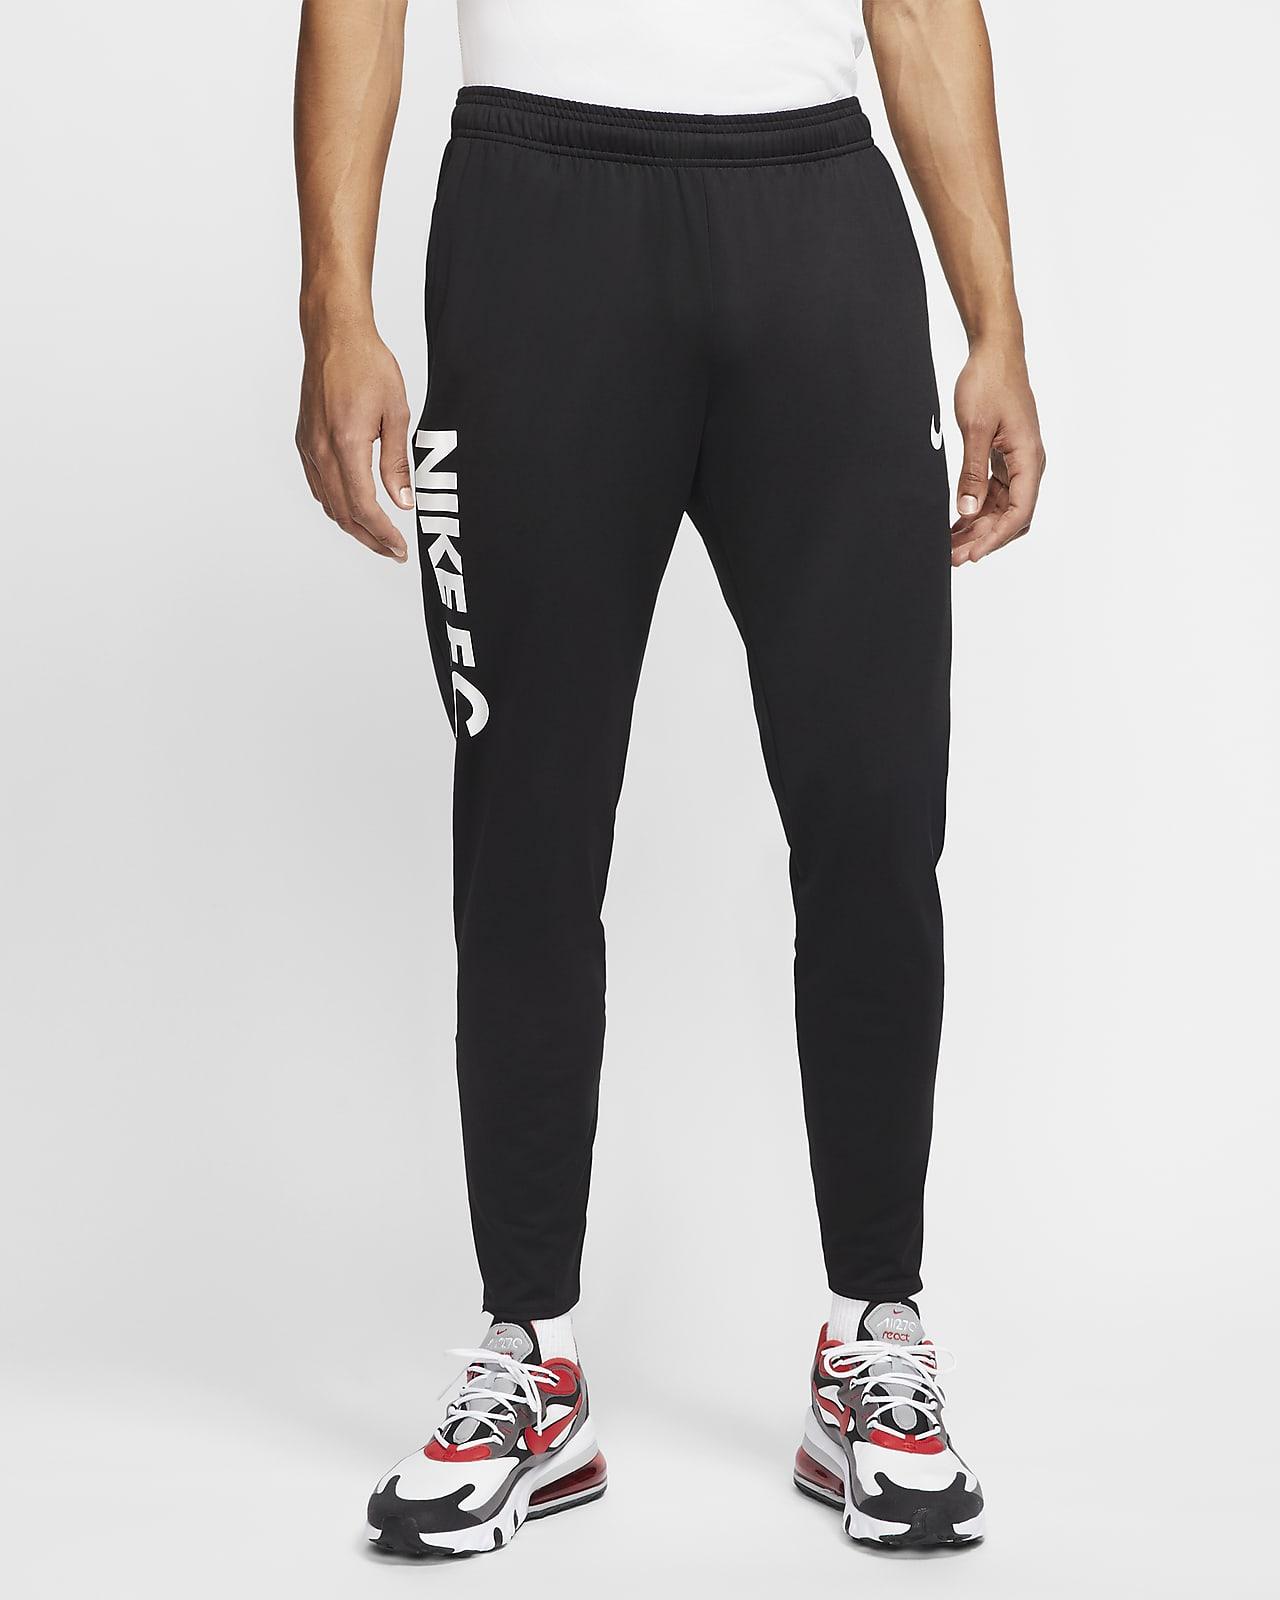 Pantalon de football Nike F.C. Essential pour Homme